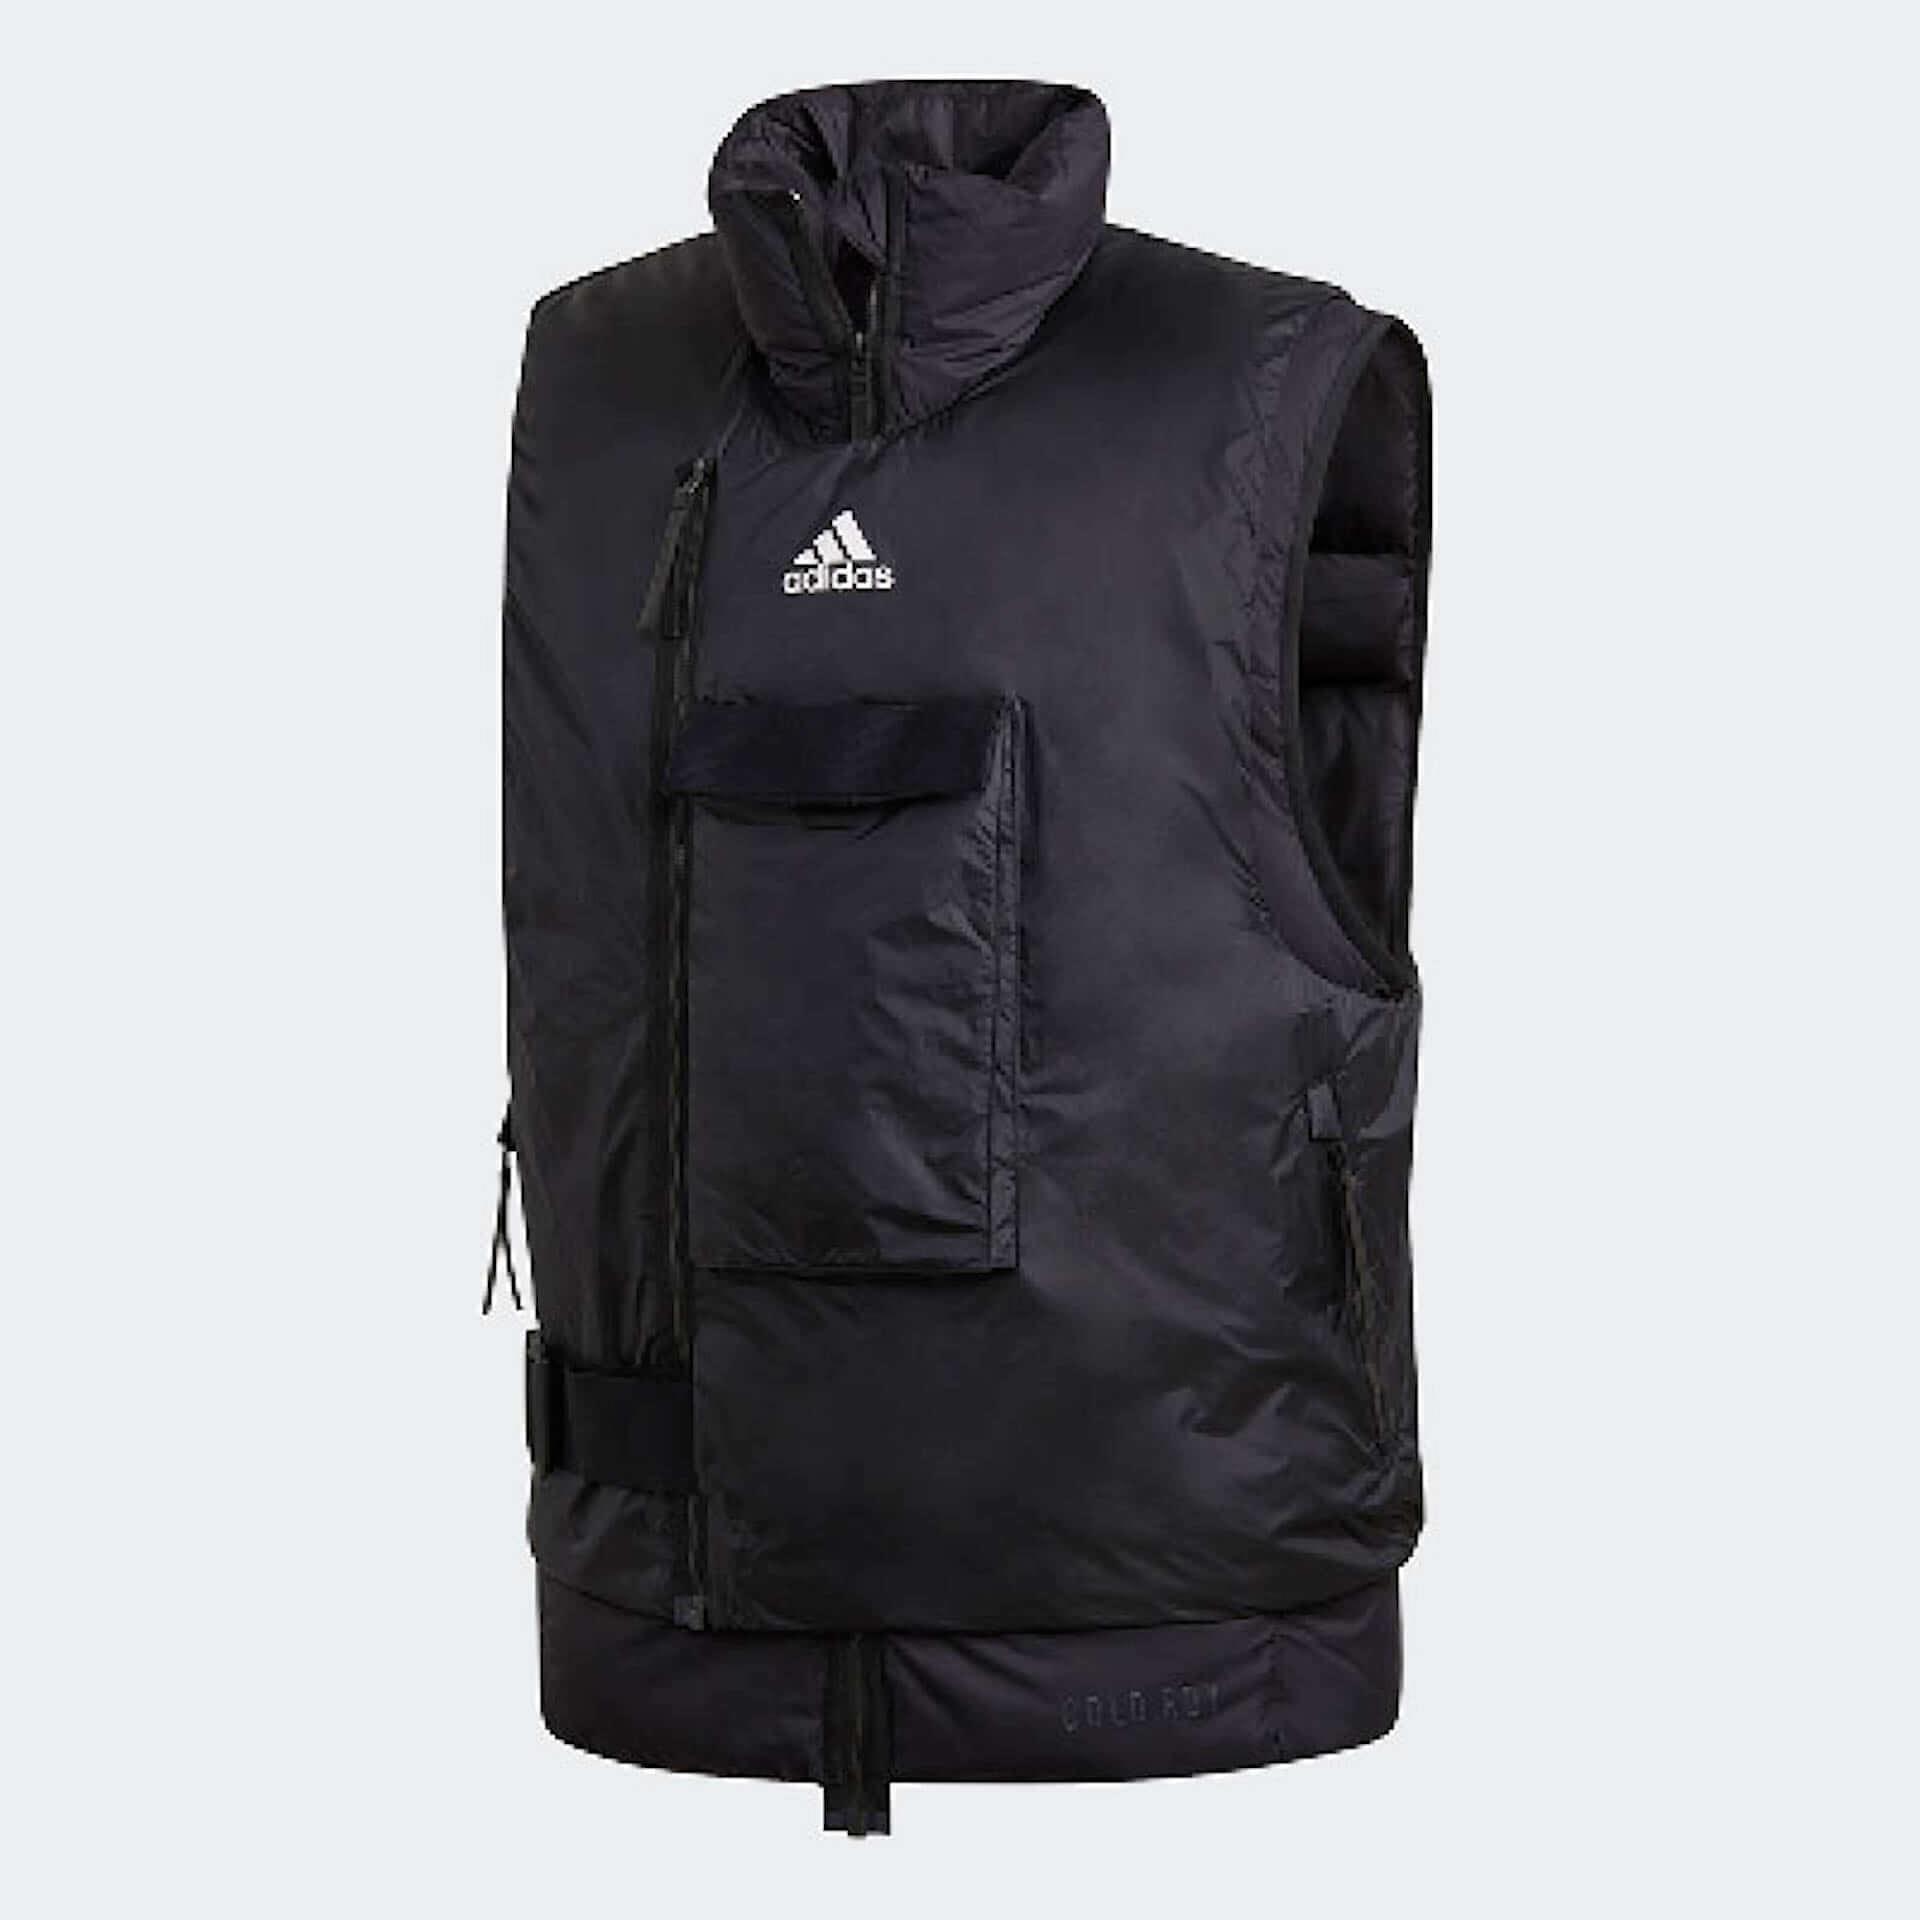 アディダスが2020年秋冬コレクション「adidas COLD. RDY」を発表!暖かさを保つスポーツウェア、シューズなど多数展開 lf201009_adidas_19-1920x1920